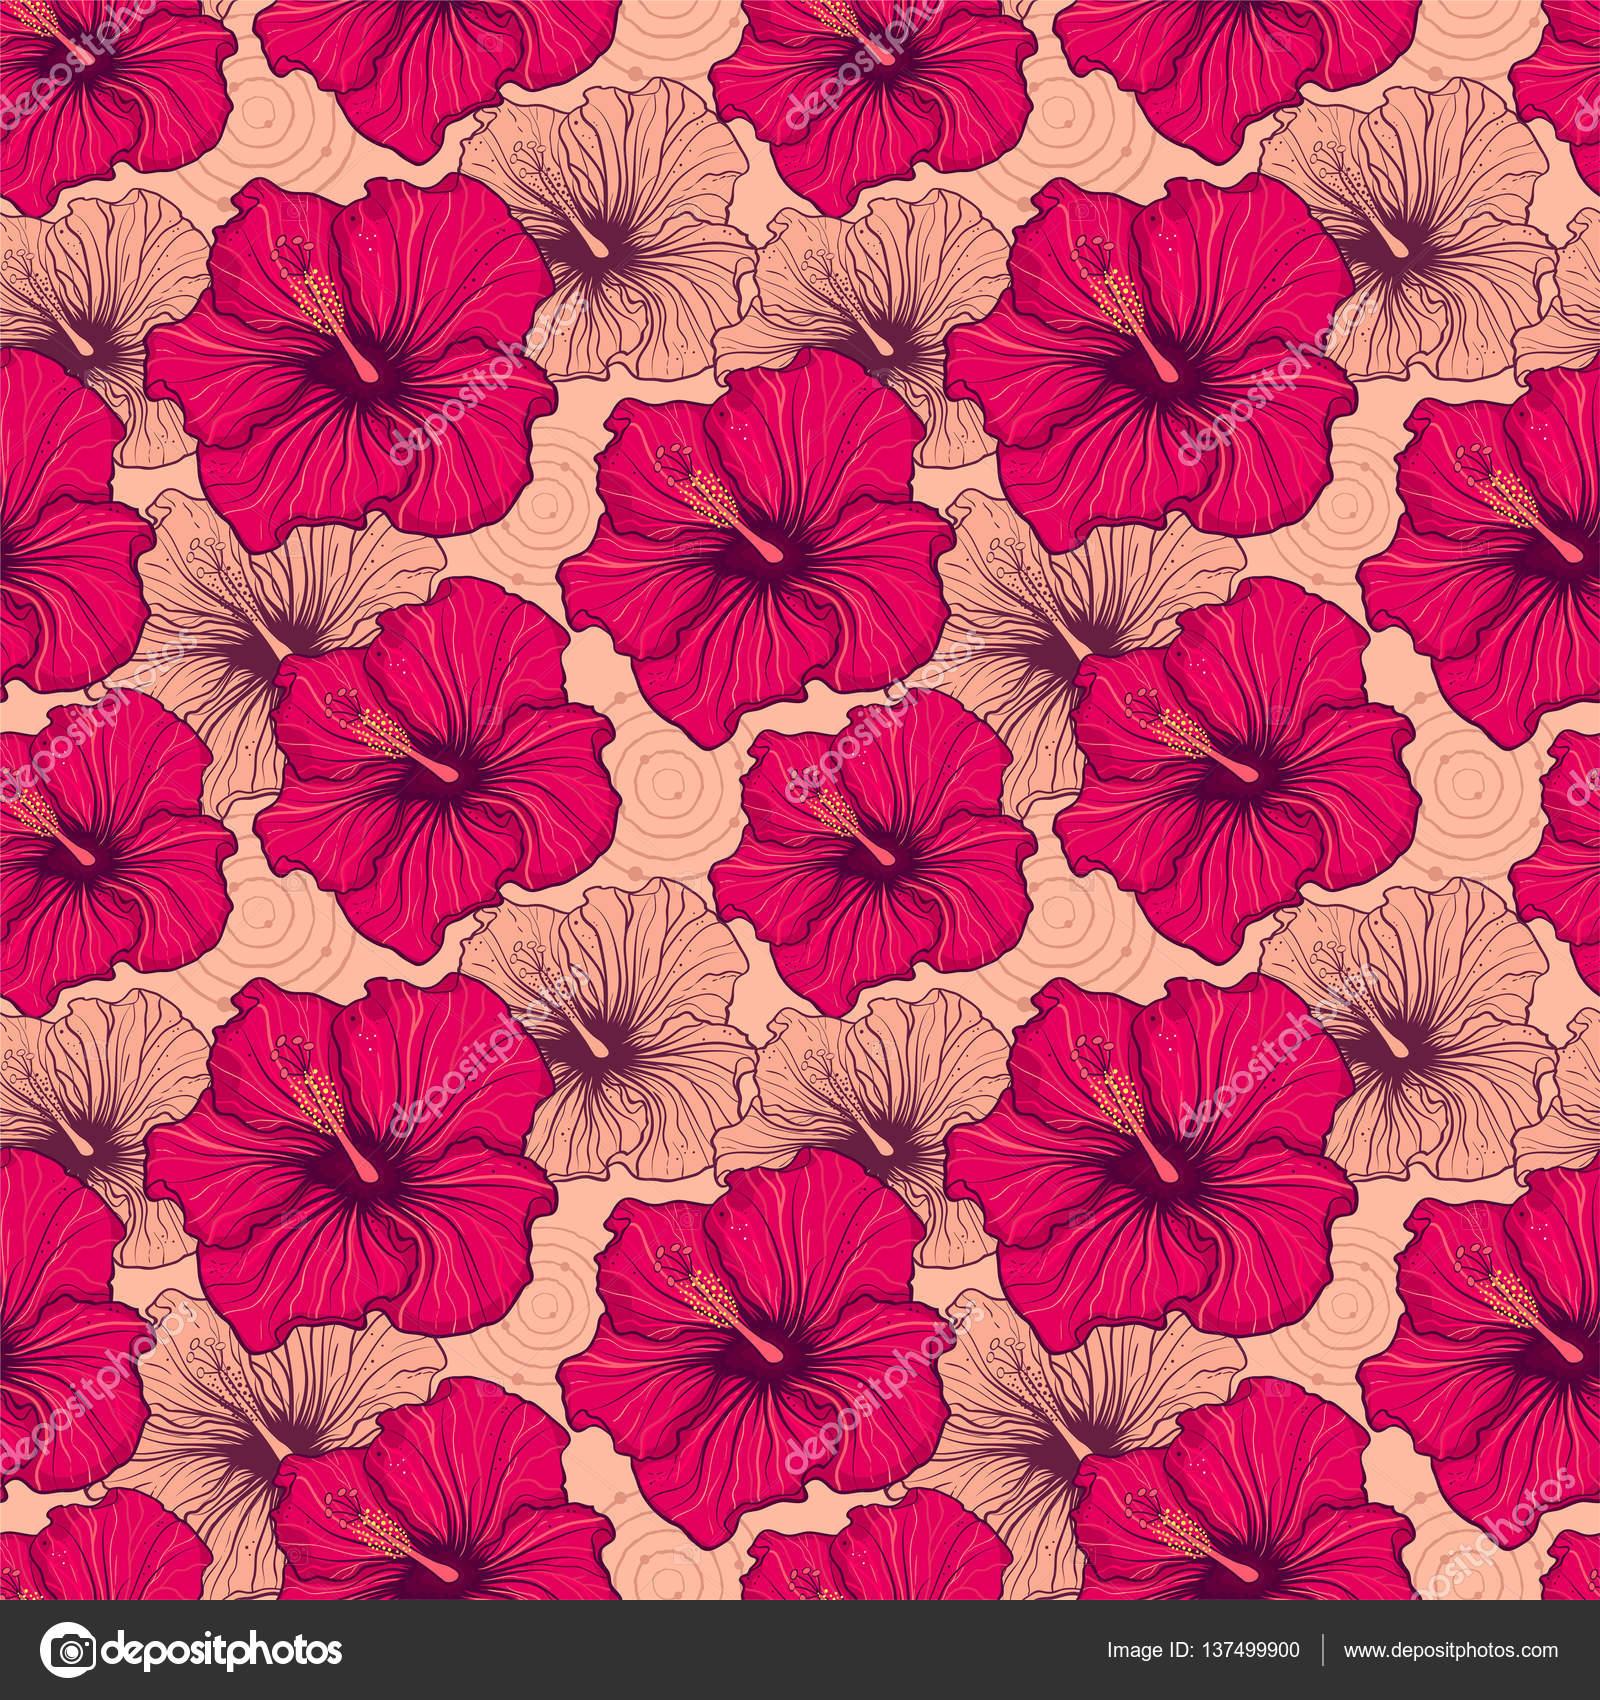 Hand drawn hibiscus flowers stock photo kiyanochka 137499900 hand drawn hibiscus flowers stock photo izmirmasajfo